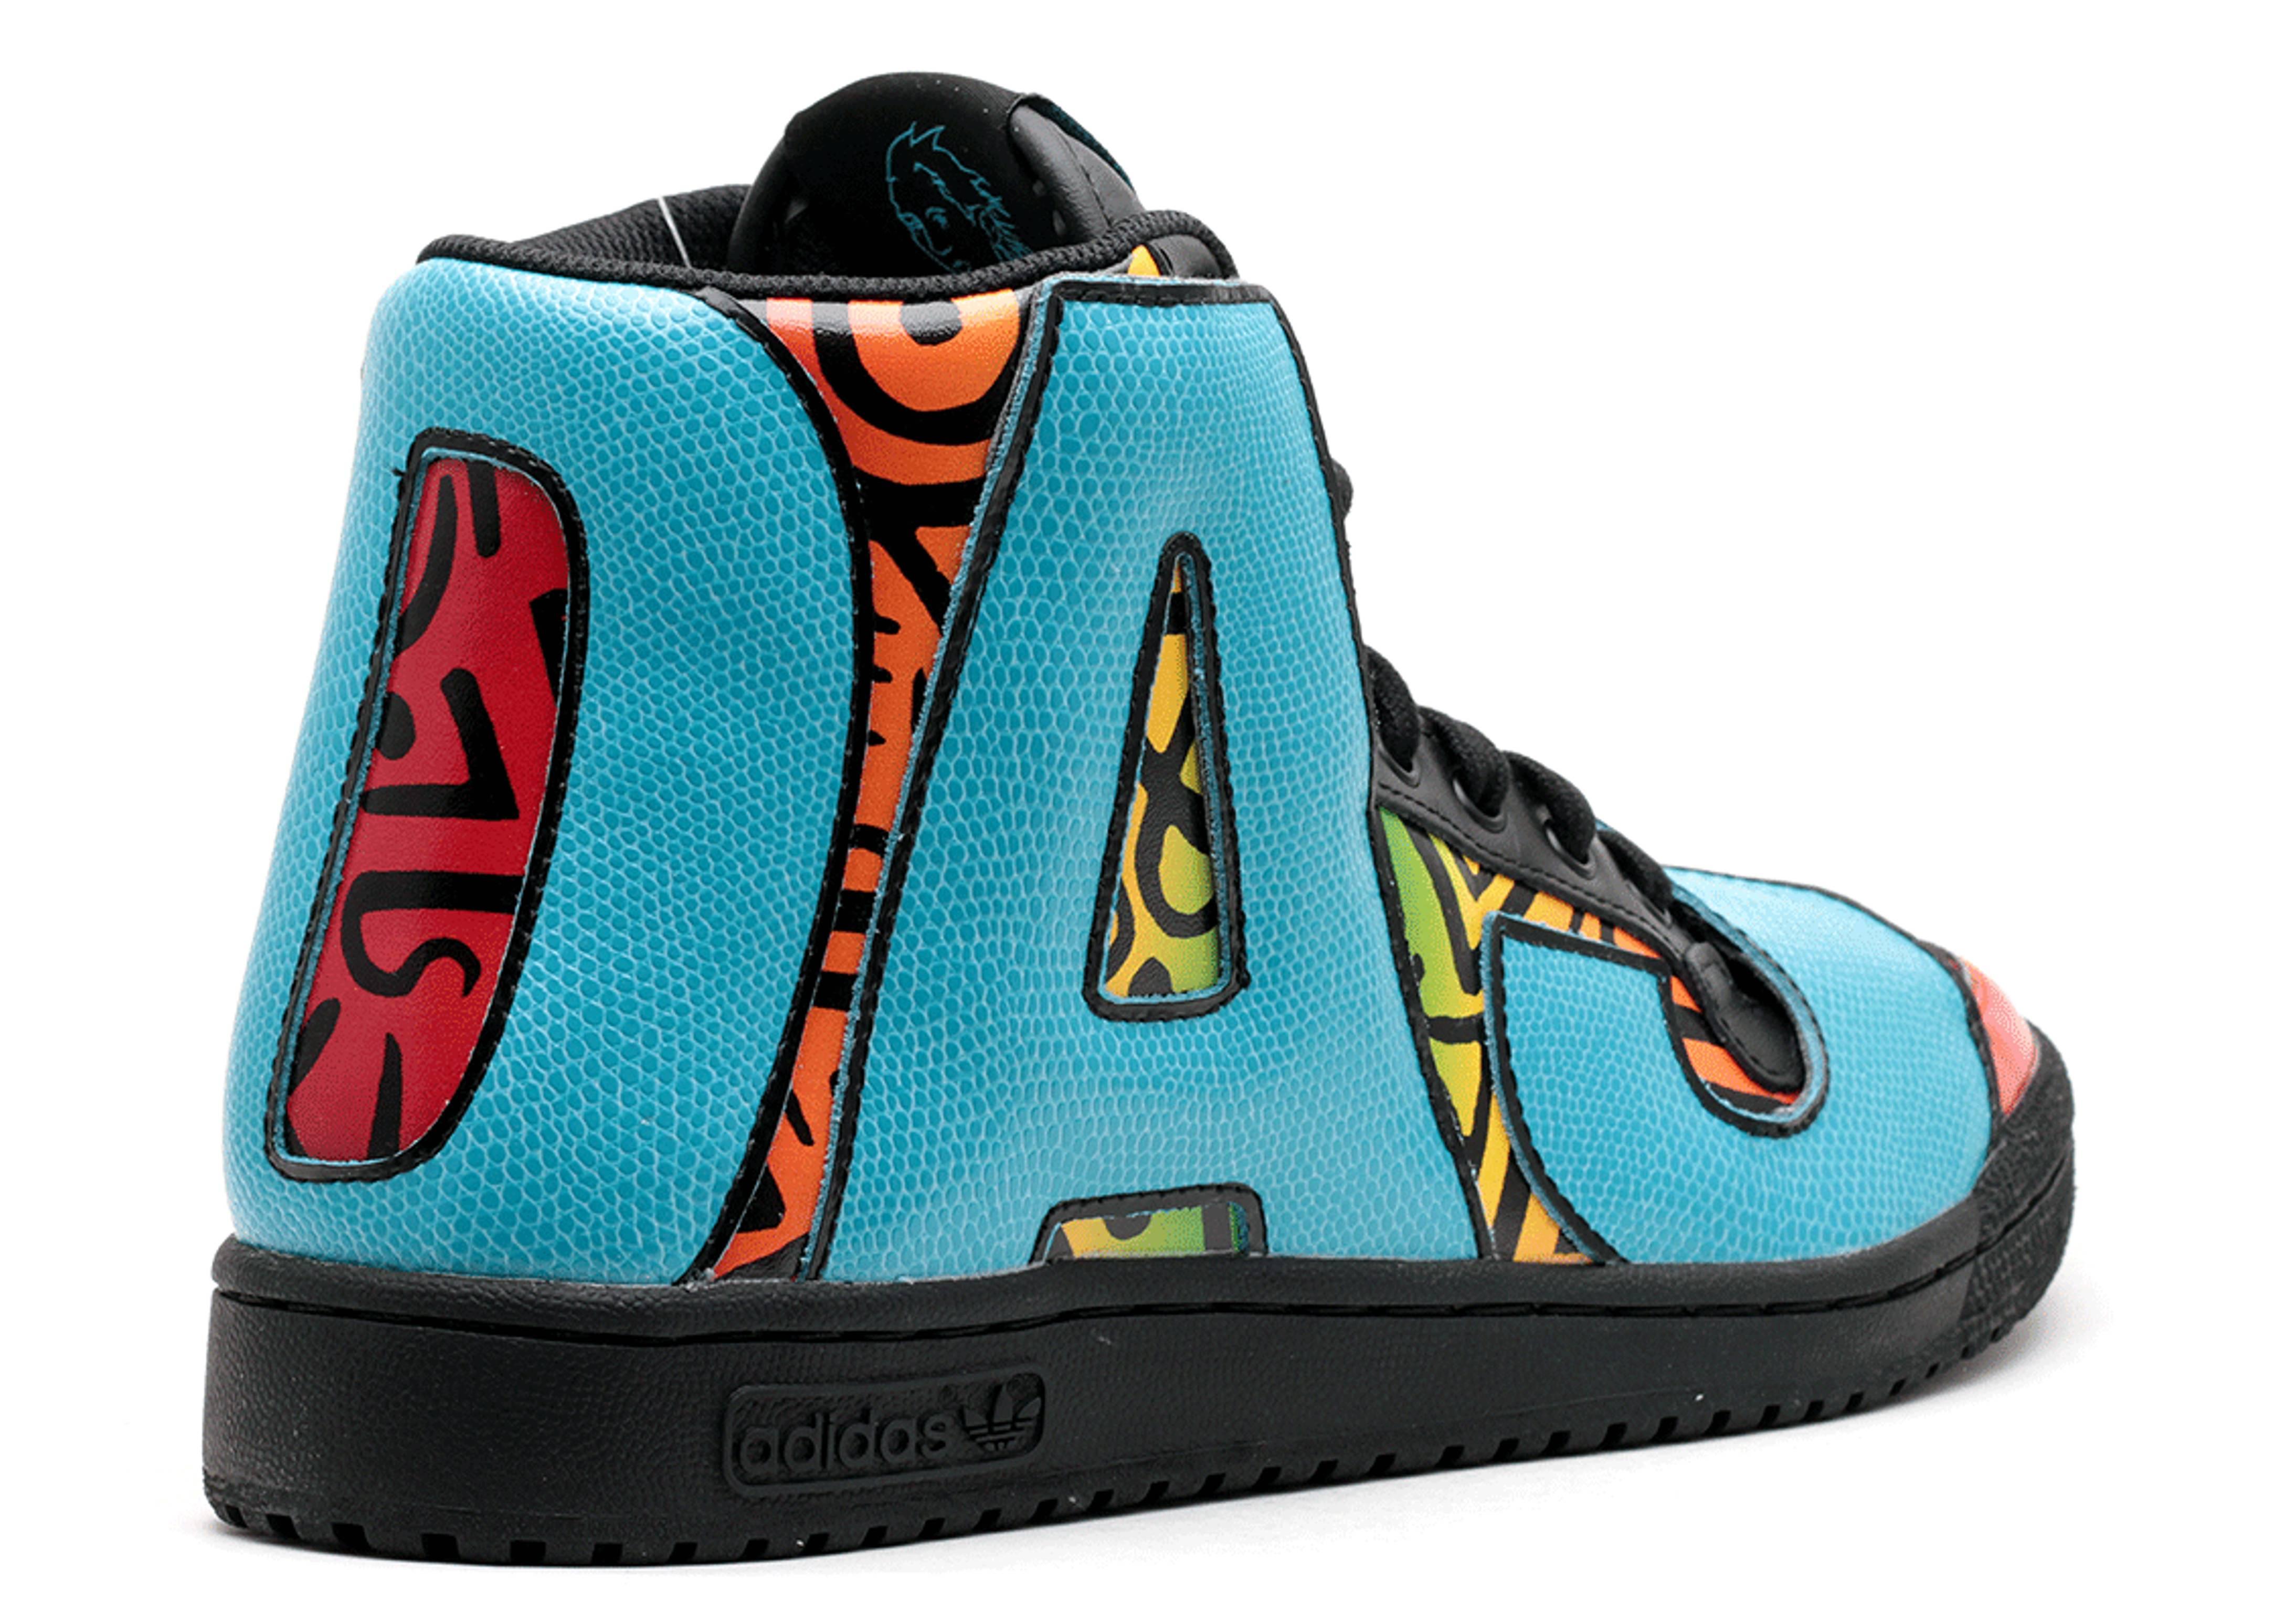 7af7b2c97174 Js Letters Multicolor - Adidas - d65213 - black1 black1 black ...